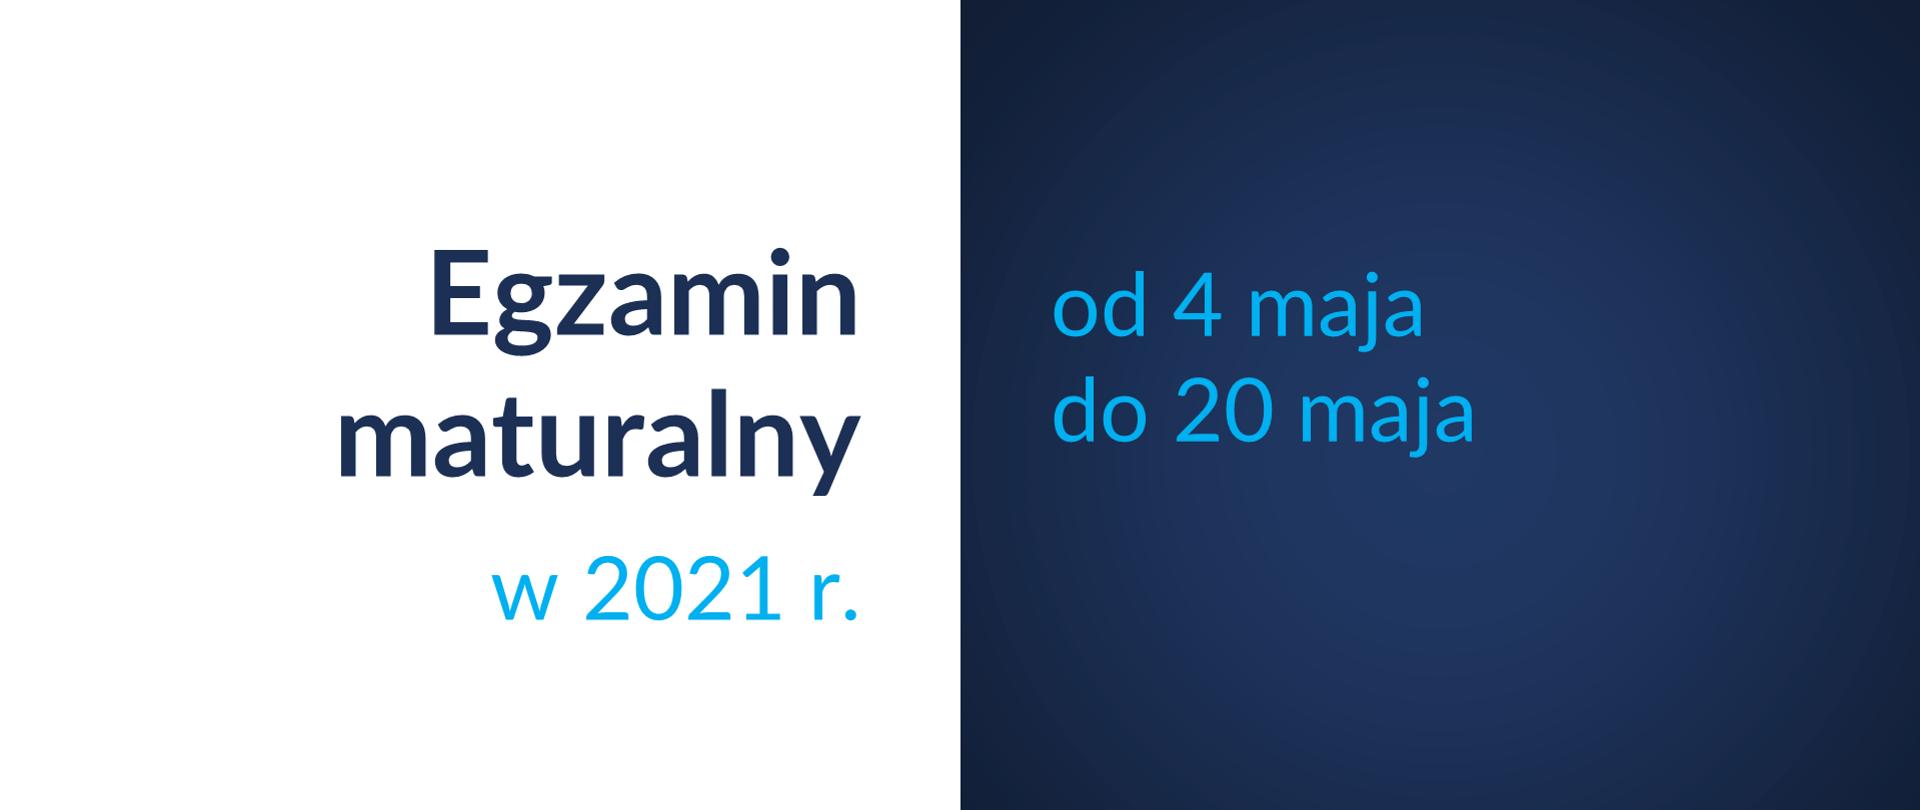 Grafika z tekstem: Egzamin maturalny w 2021 r. – od 4 maja do 20 maja